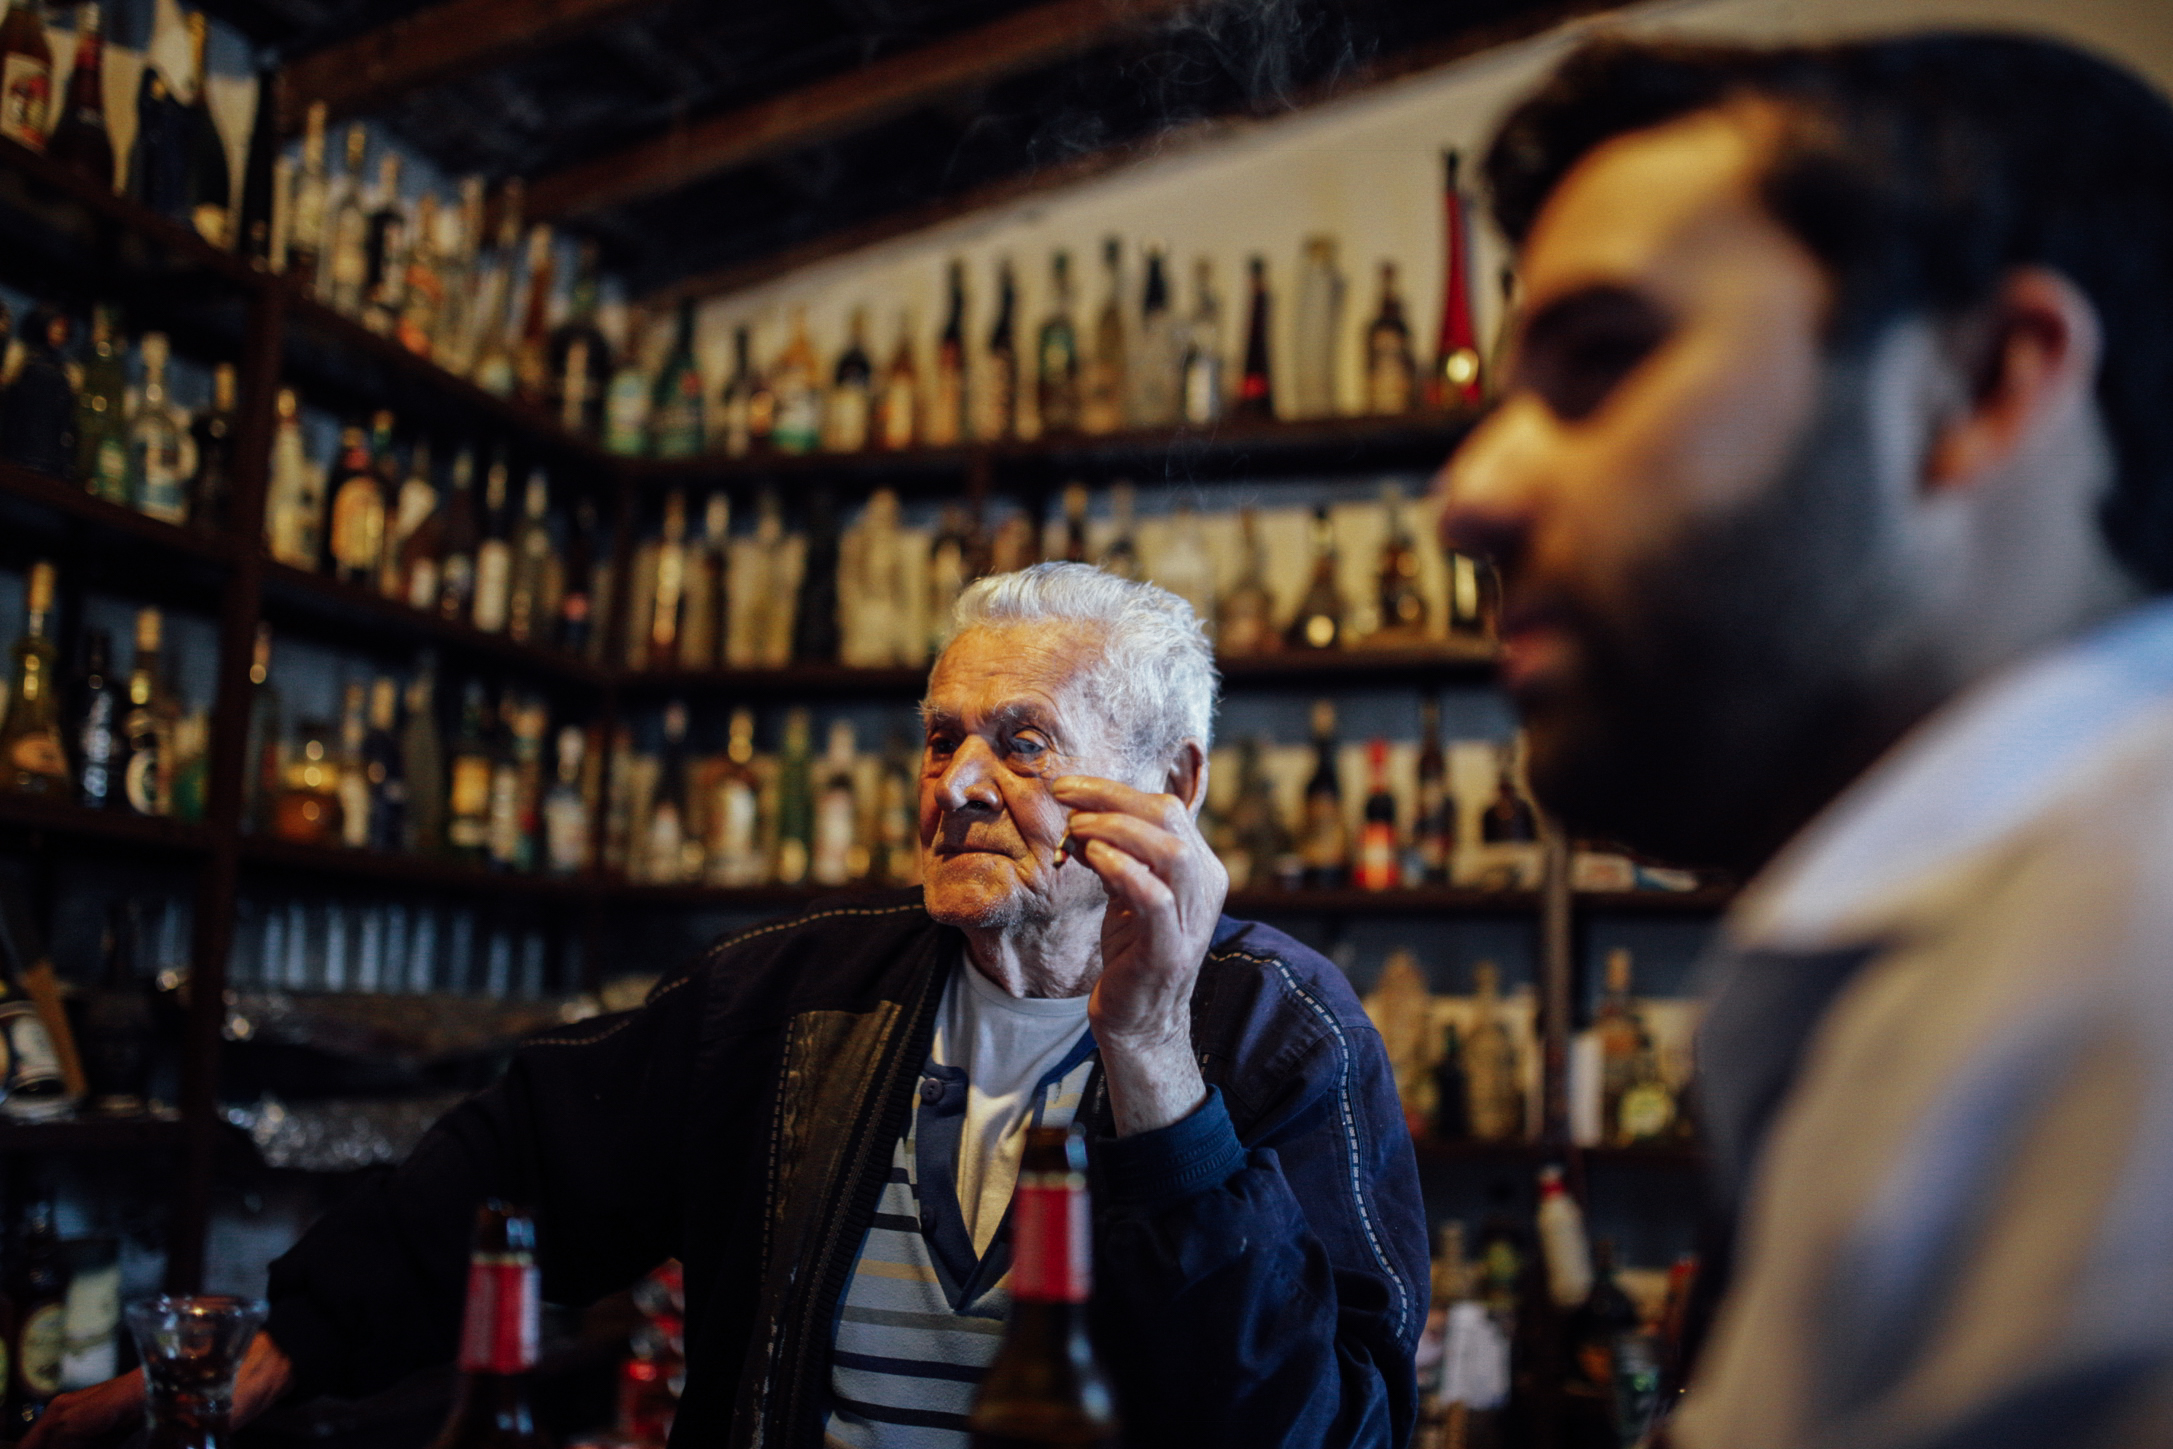 """La venta de José Cañón: """"En estas repisas tengo botellas de todos los países del mundo"""" // The tavern of Jose Cañon:""""I have bottles from all the countries of the world on these shelves"""""""